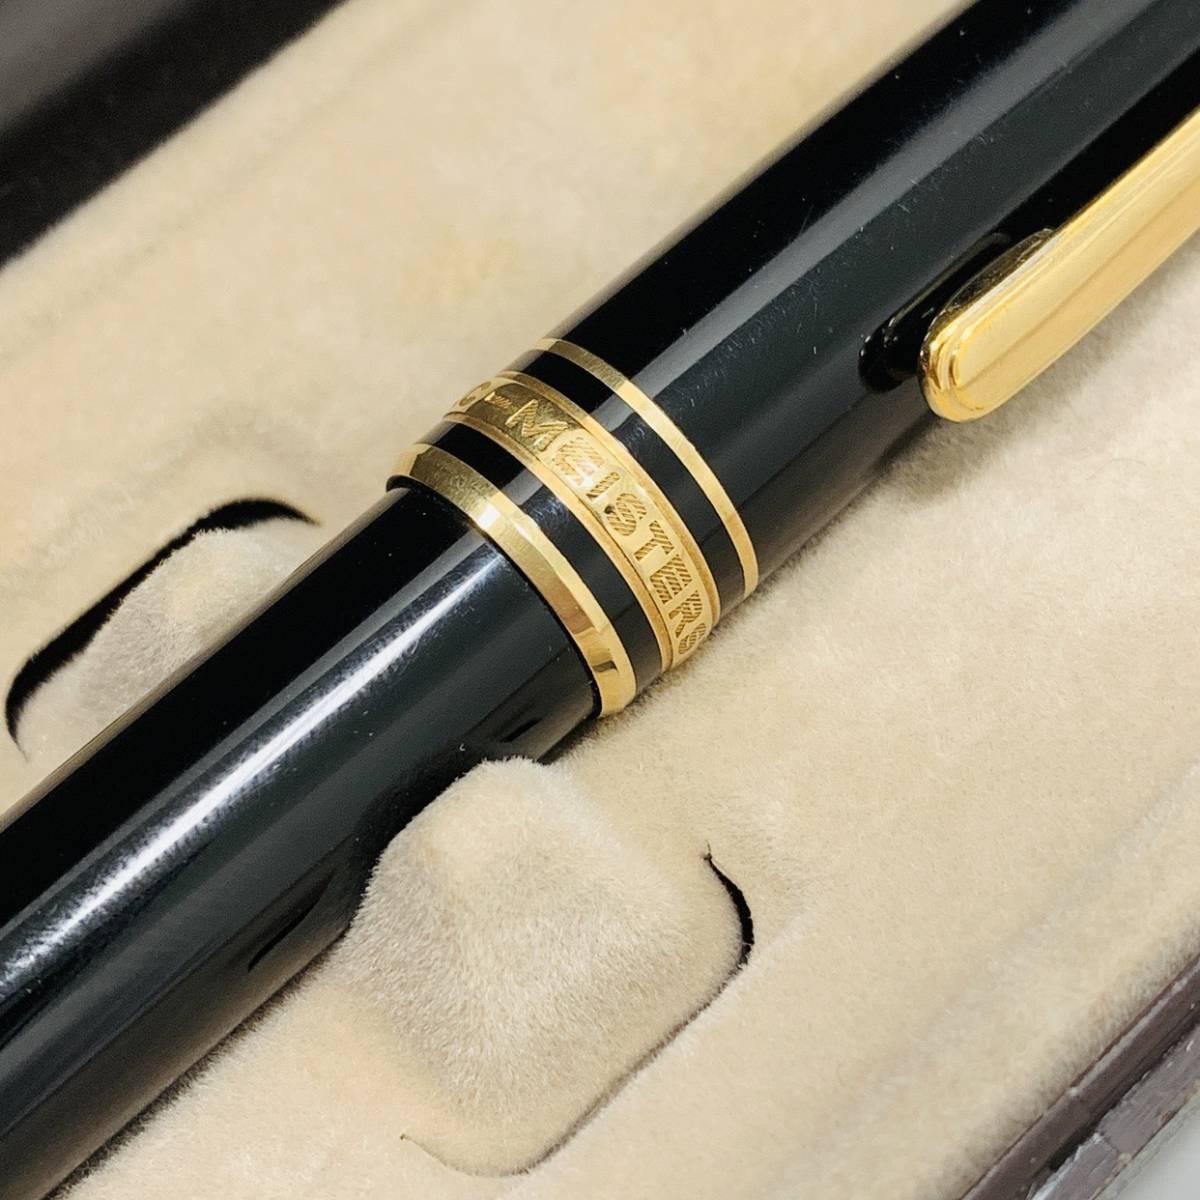 【3410】 高級 MONTBLANC モンブラン MEISTERSTUCK マイスターシュテュック シャープペン シャープペンシル 箱付き_画像3